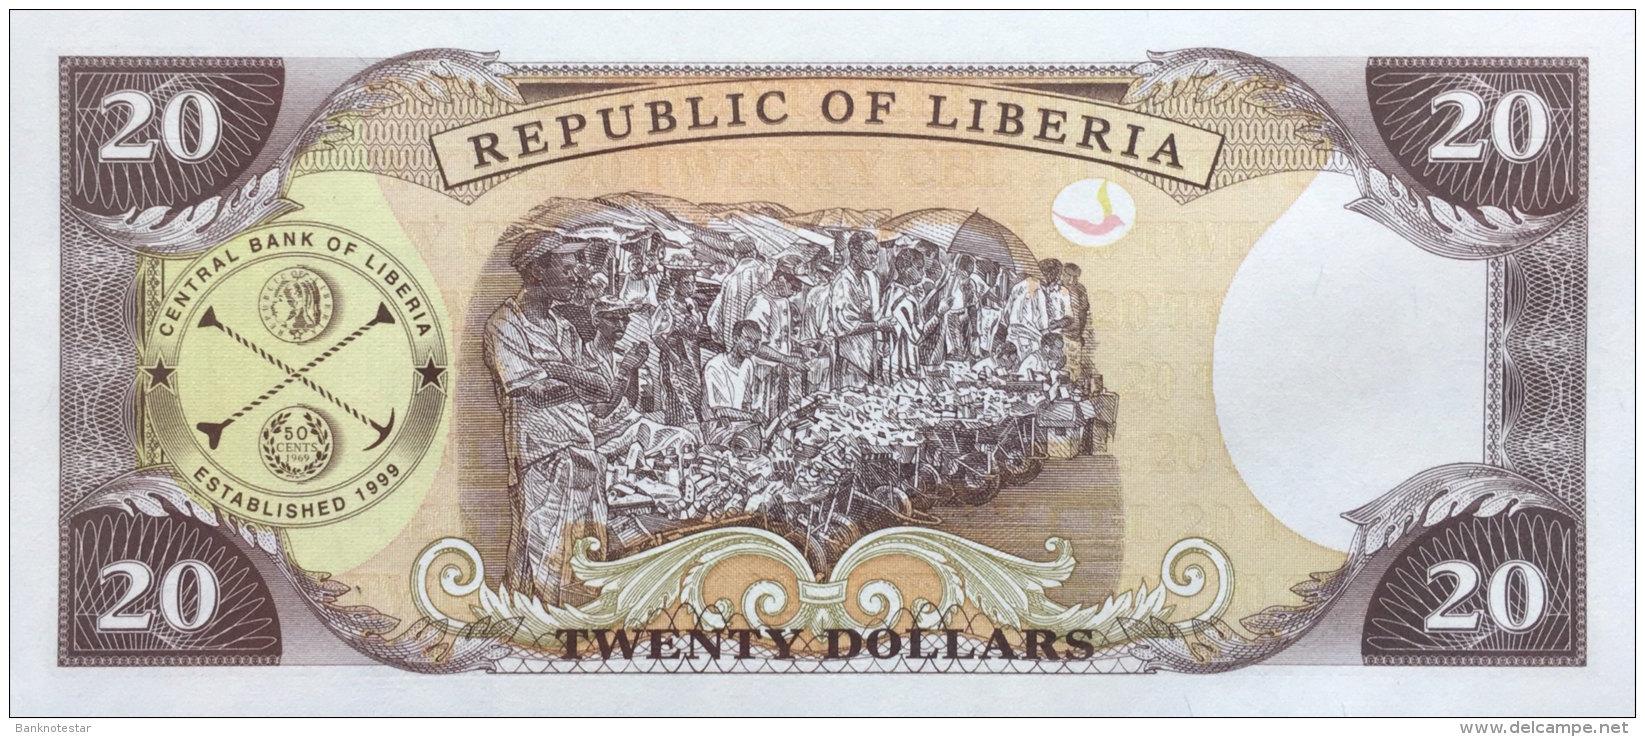 Liberia 20 Dollars, P-23a (1999) UNC - Liberia